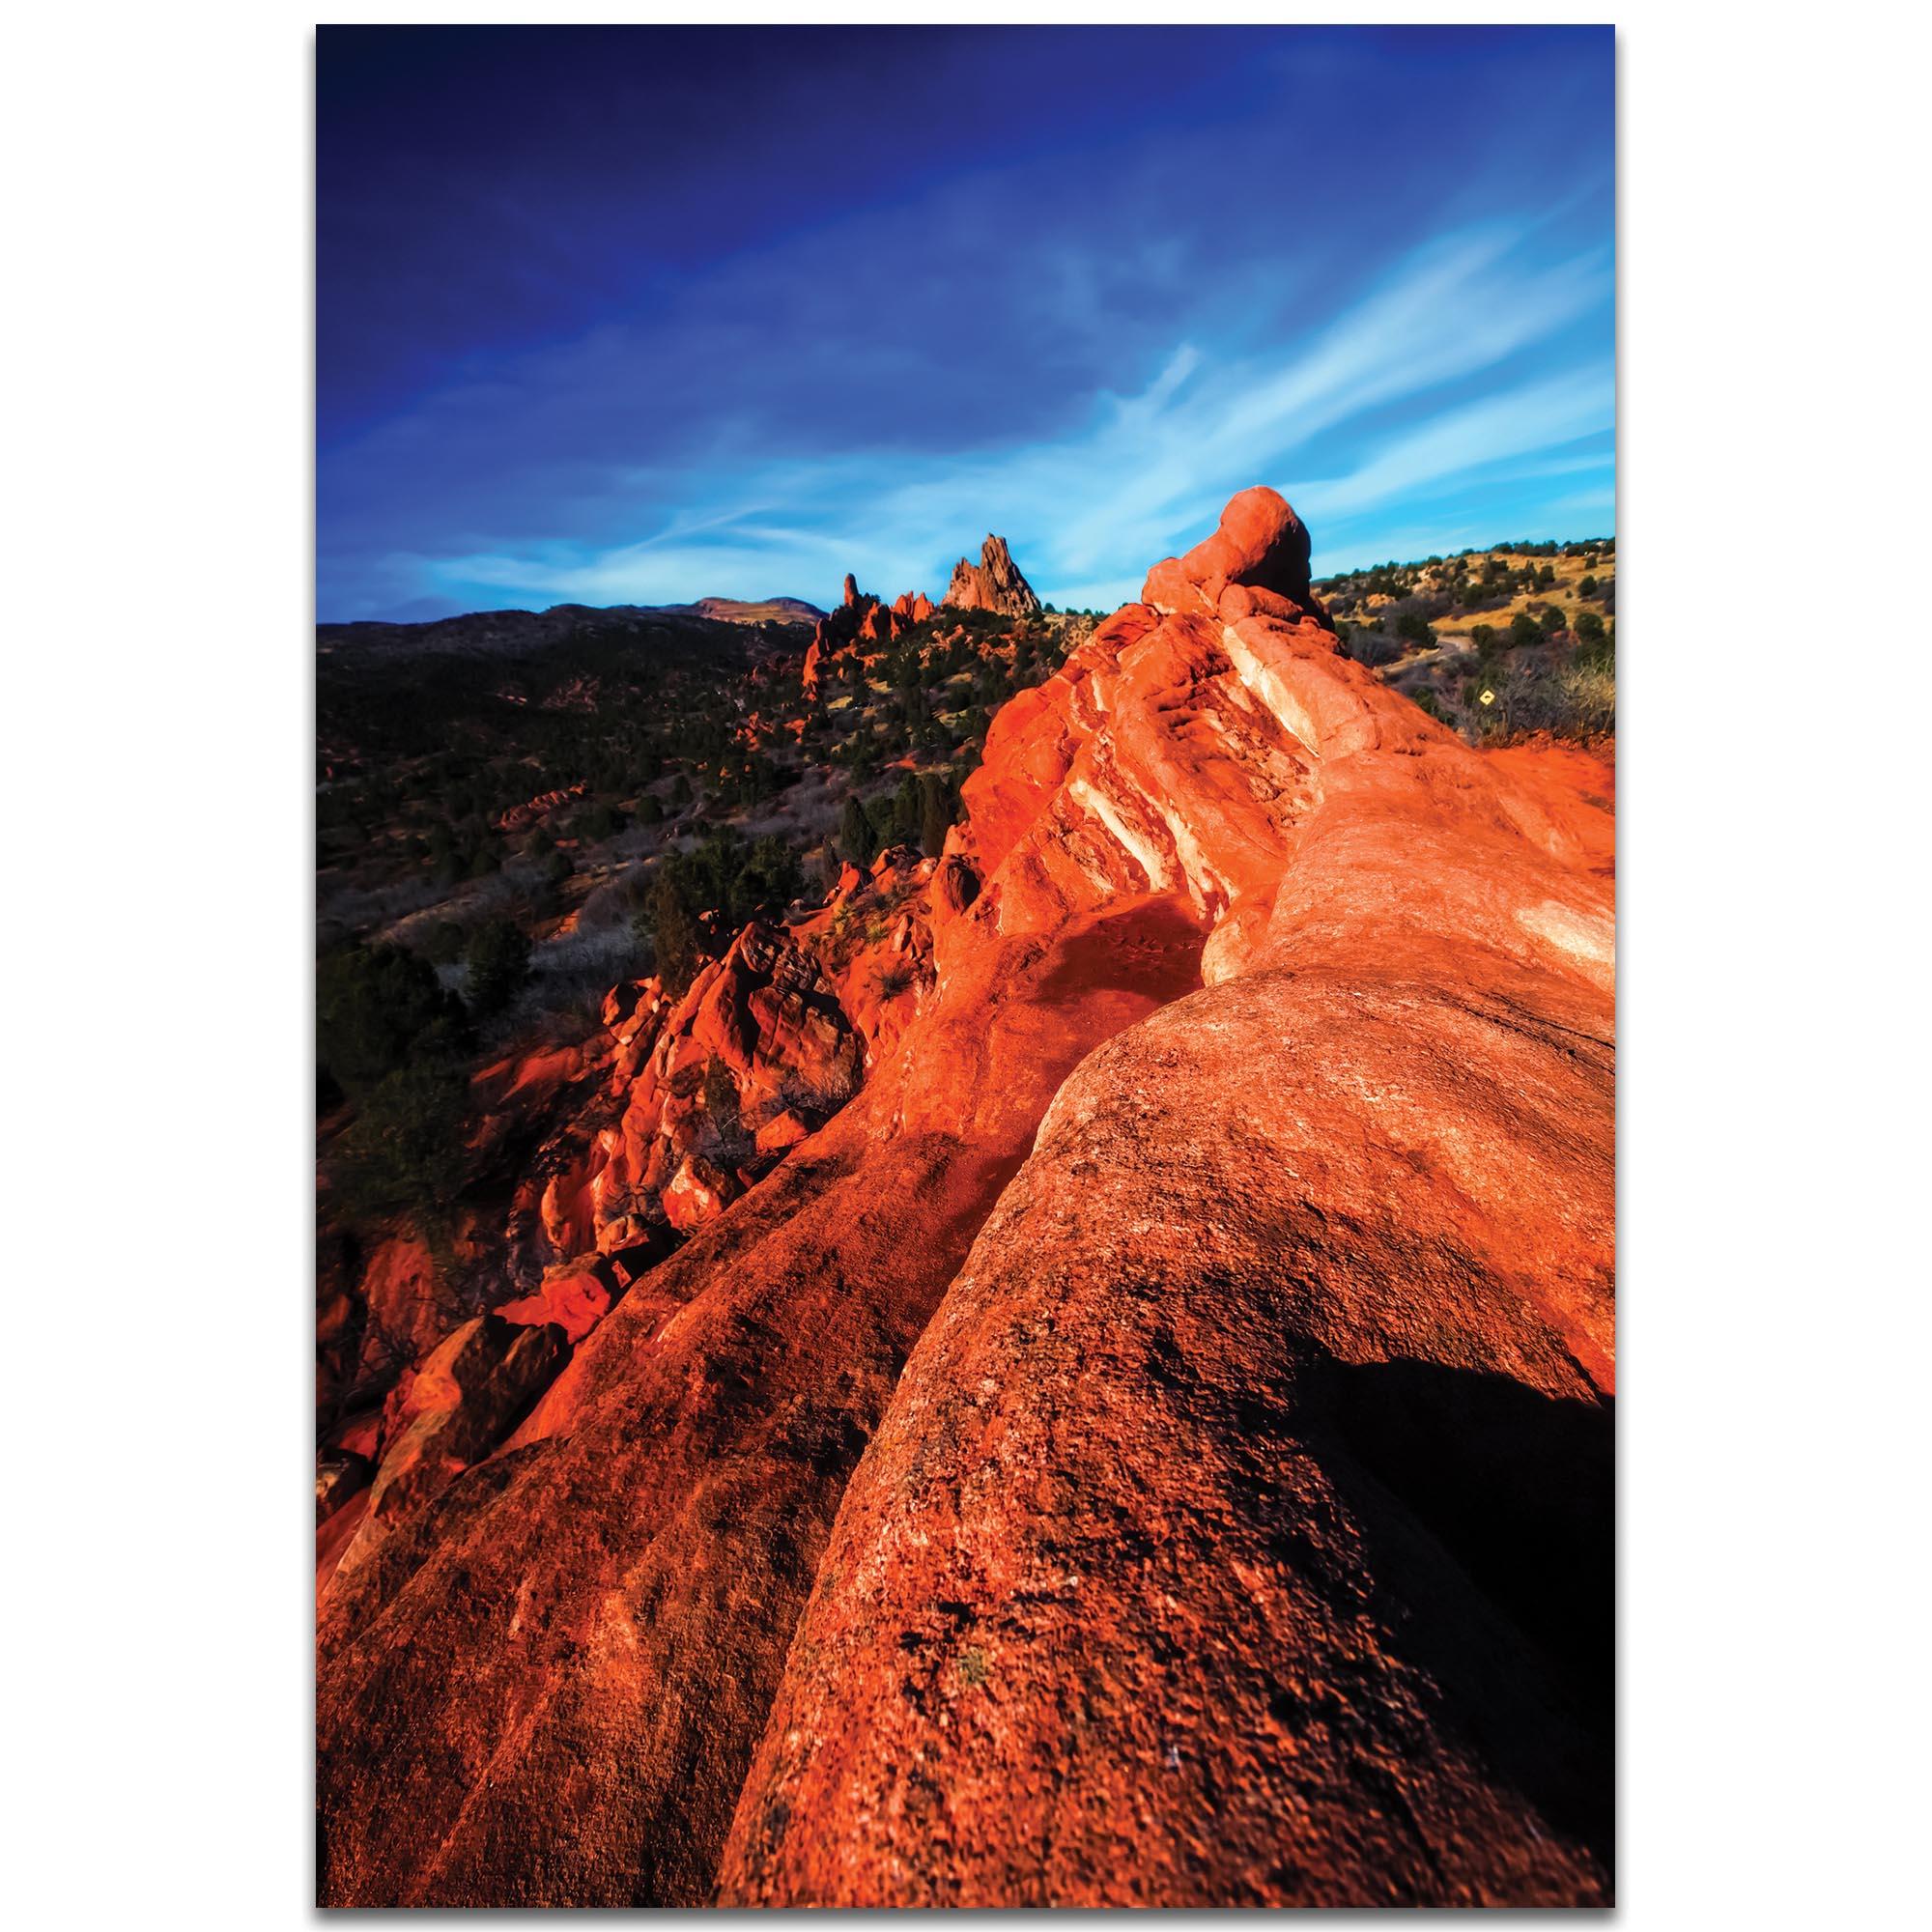 Landscape Photography 'Red Ridge' - Desert Scene Art on Metal or Plexiglass